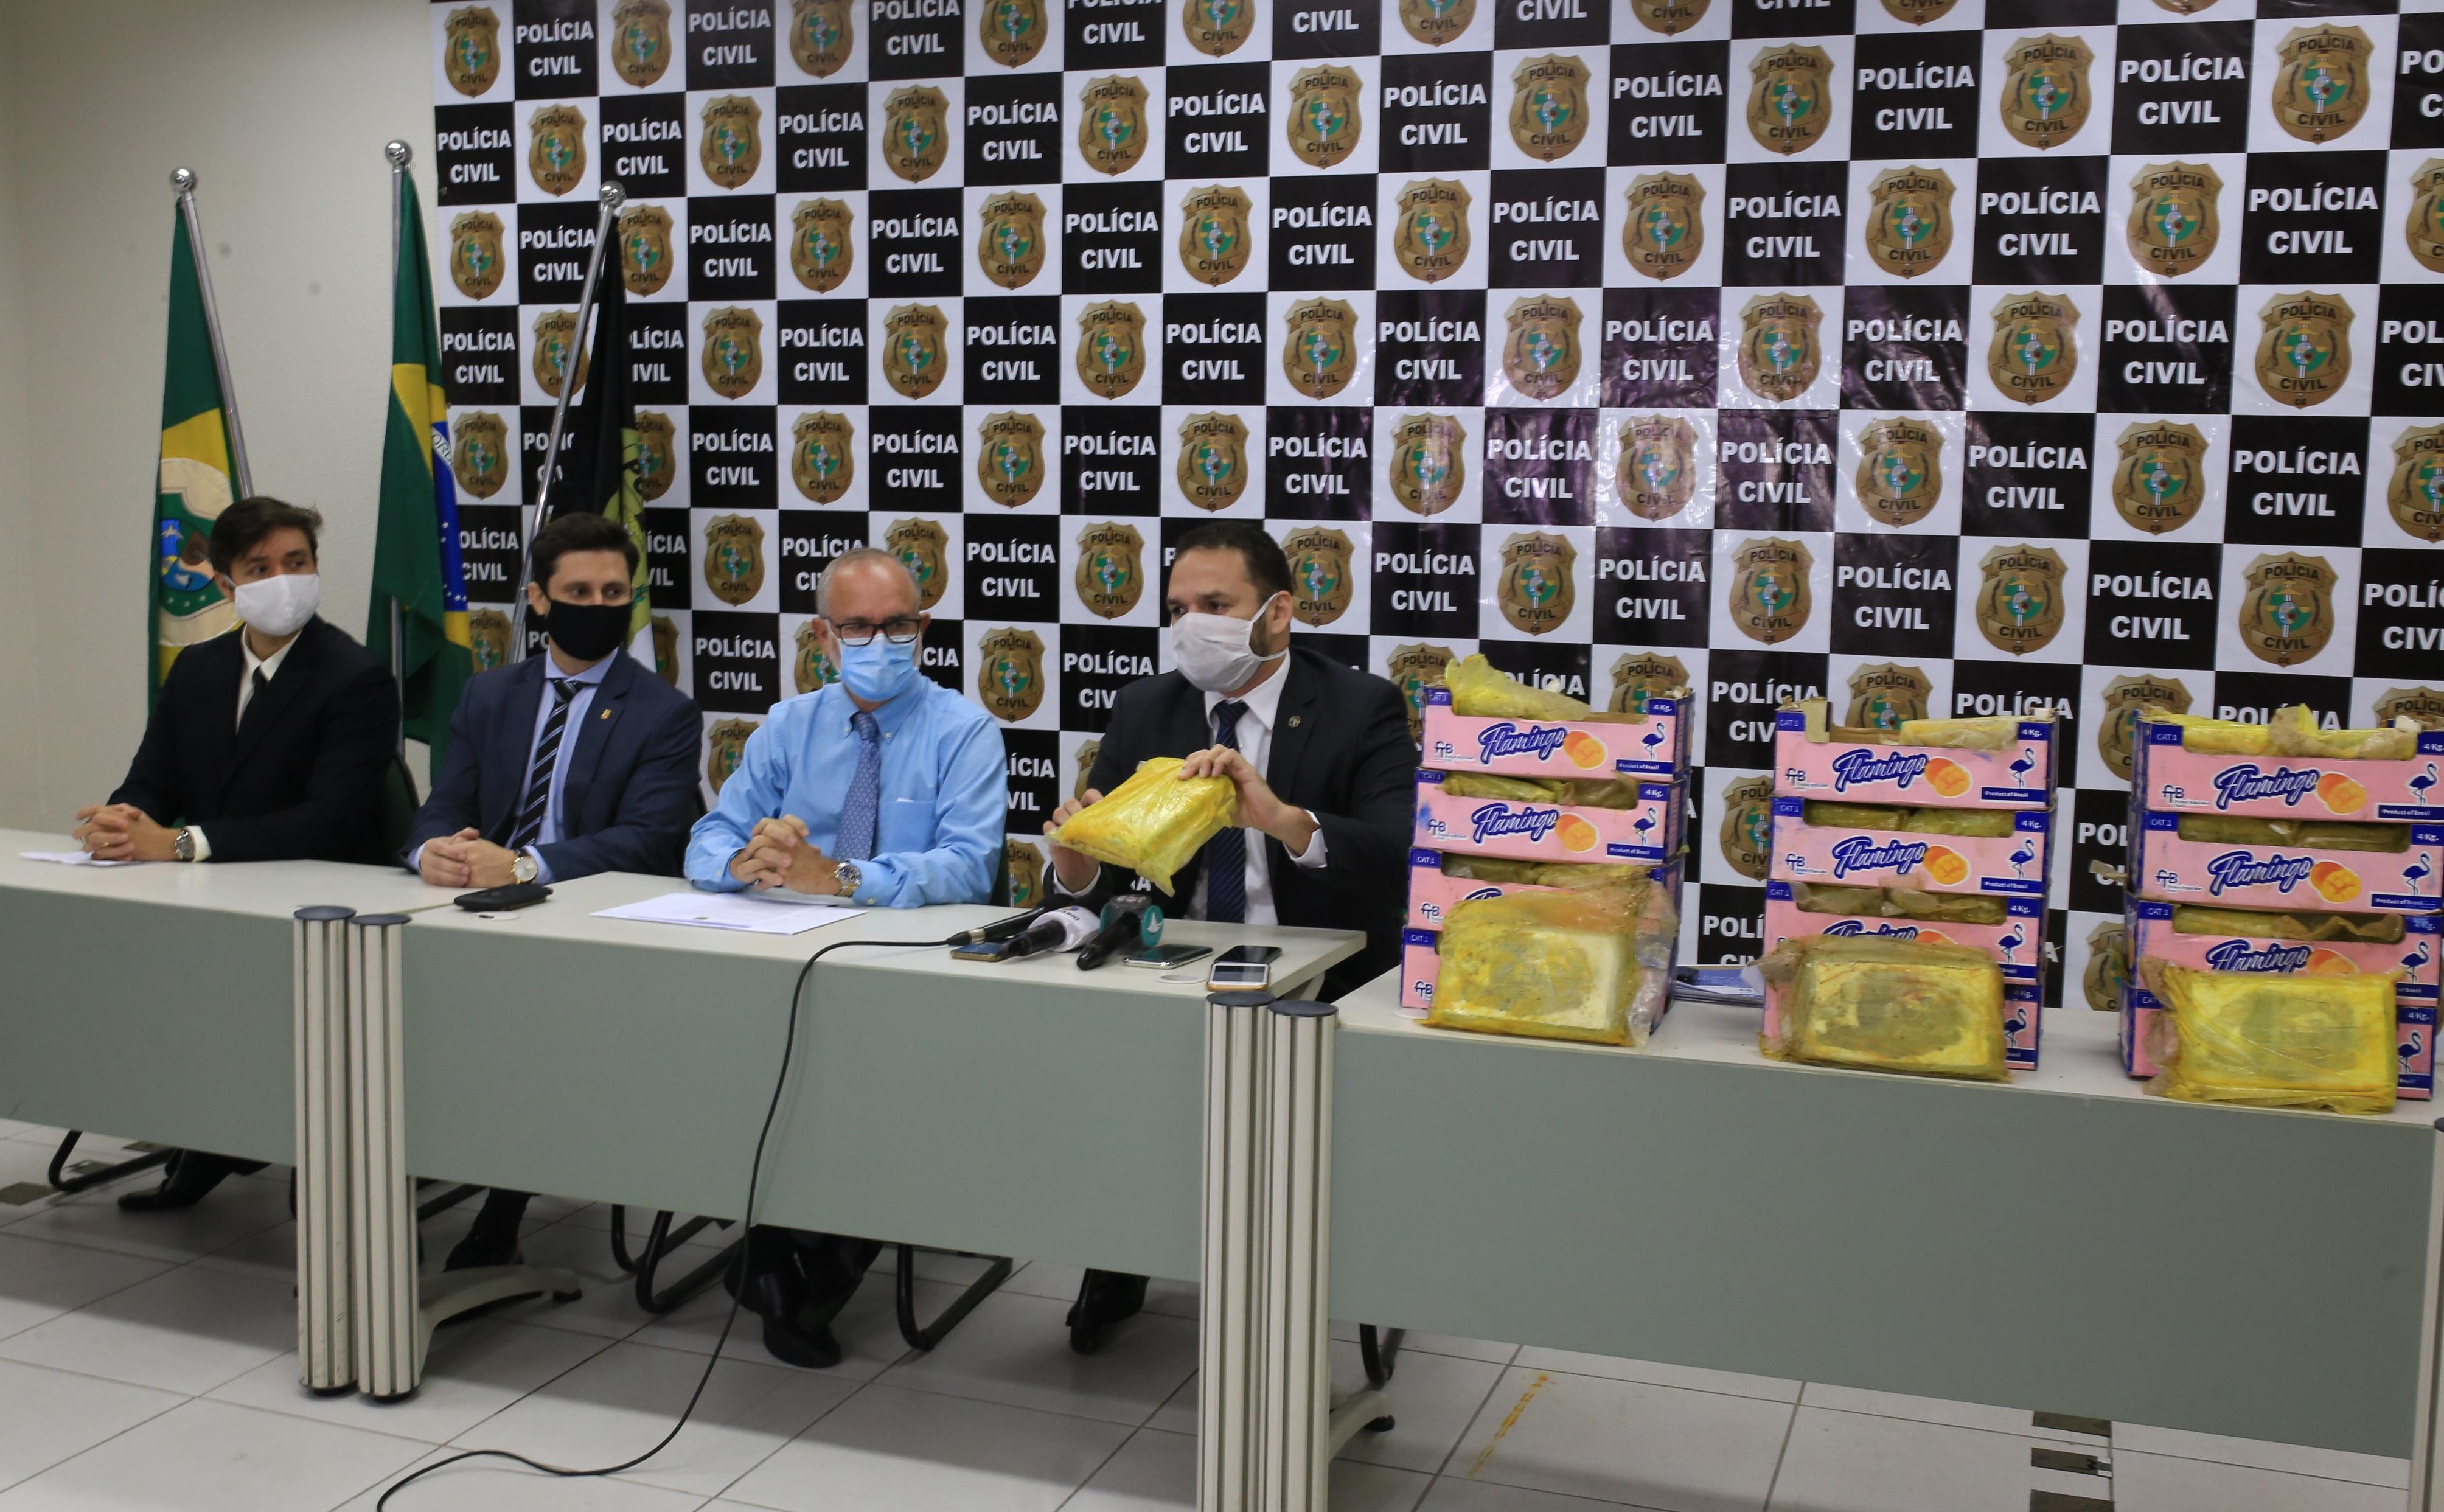 Polícia Civil do Ceará apreende quase 60 kg de cocaína que seguiriam para Europa e prende pernambucano e mineiro na Capital